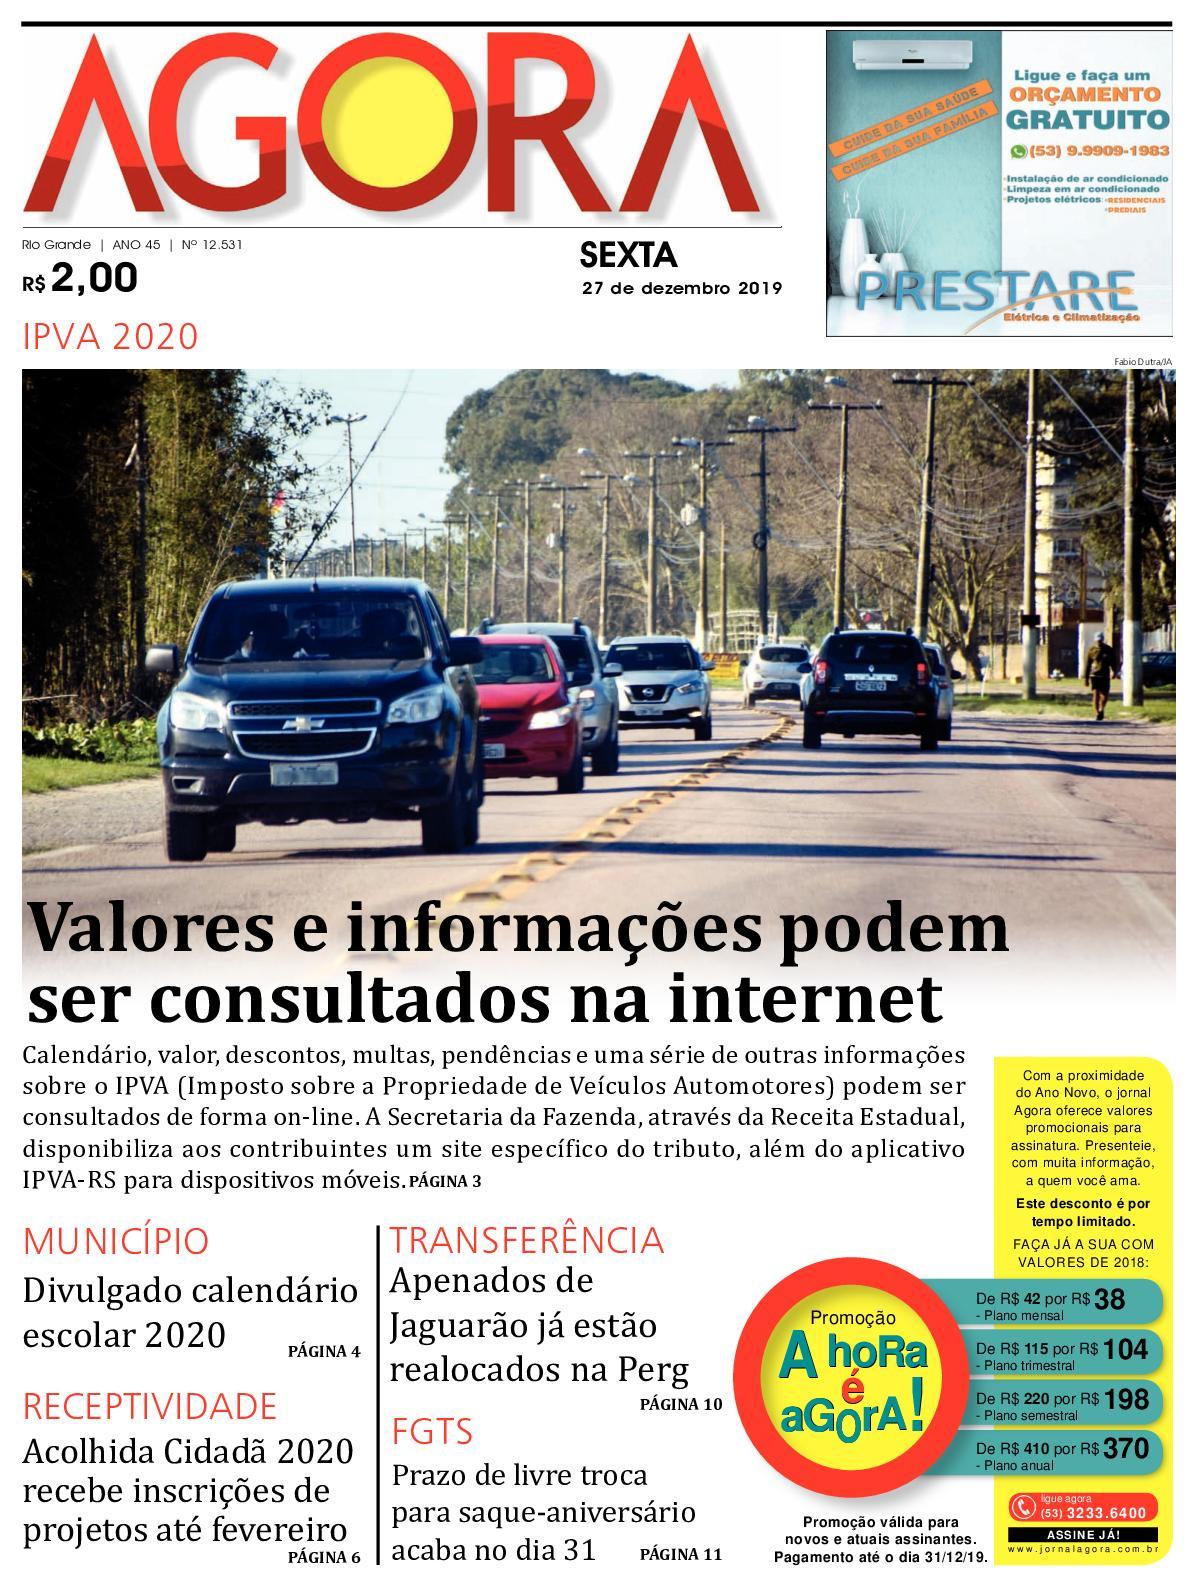 Jornal Agora - Edição 12531 - 27 de Dezembro de 2019